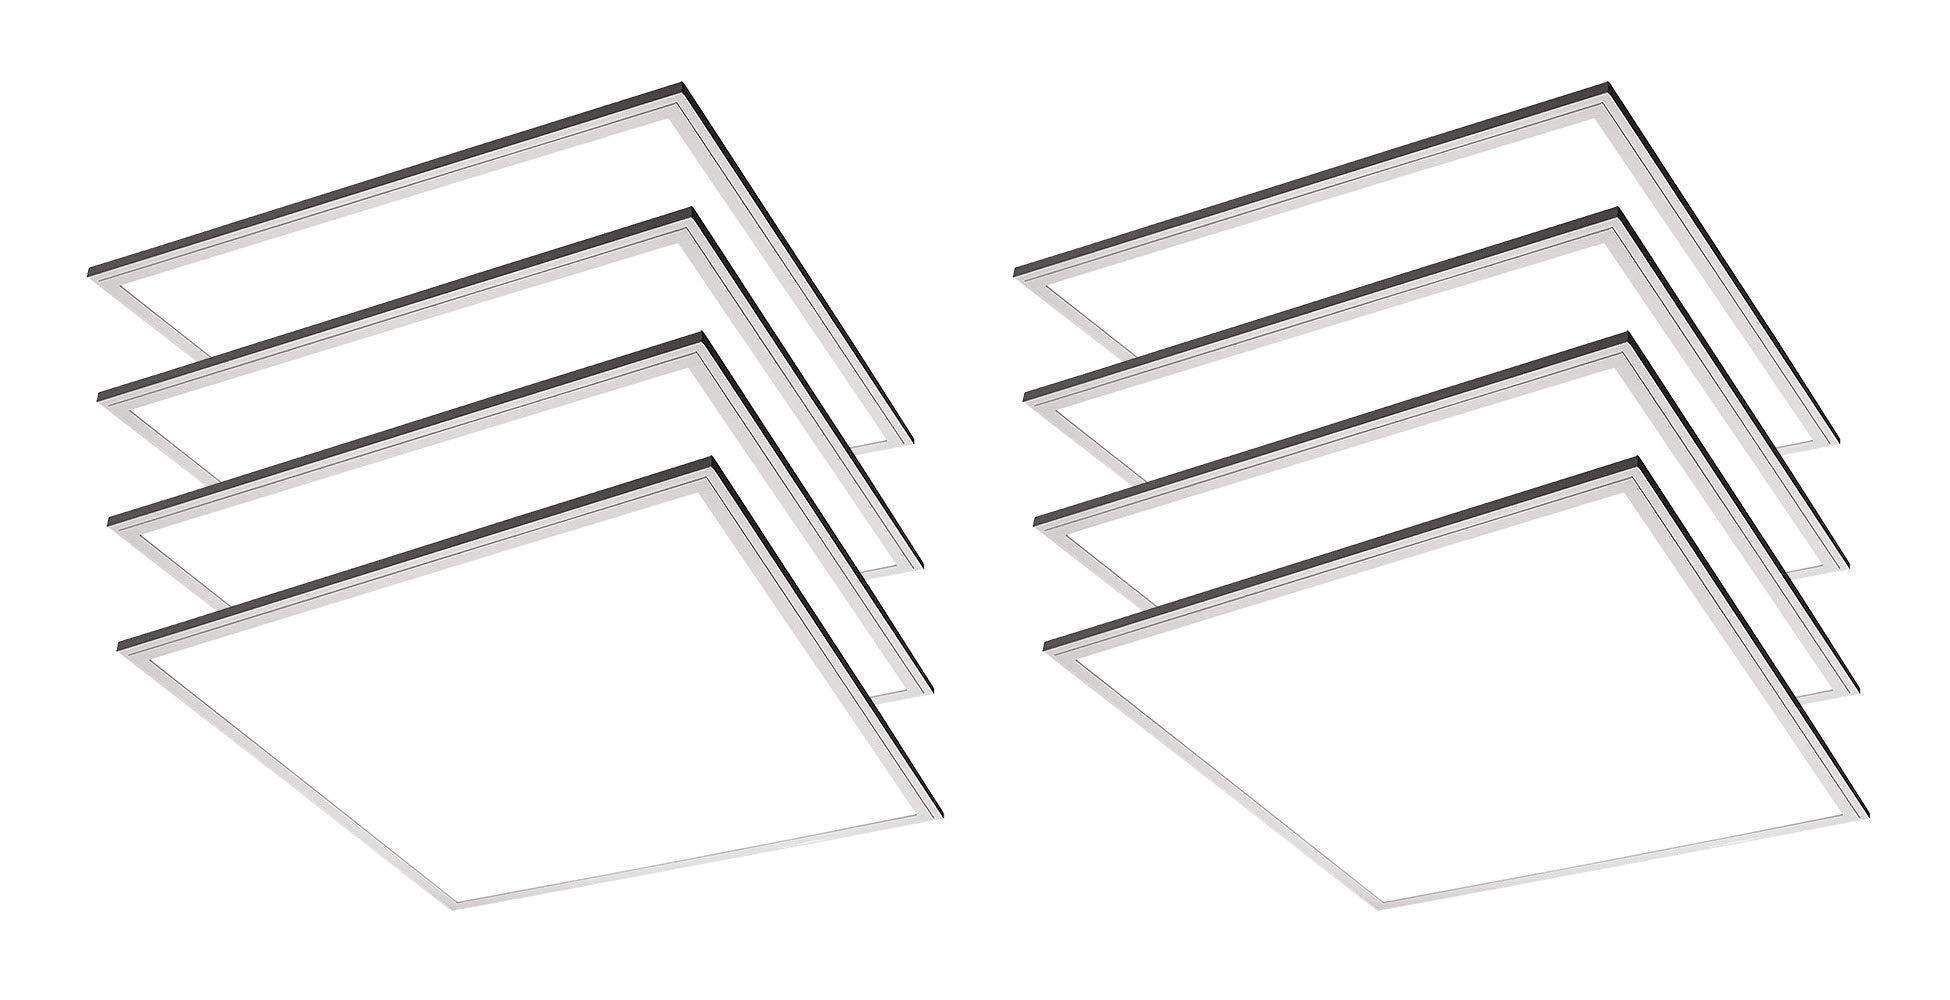 TCP 8 Pack 2x2 FT LED Flat Panel Light Fixture, 36W - 3600 Lumens, 5000K Daylight, 110V-277V, 0-10V Dimming